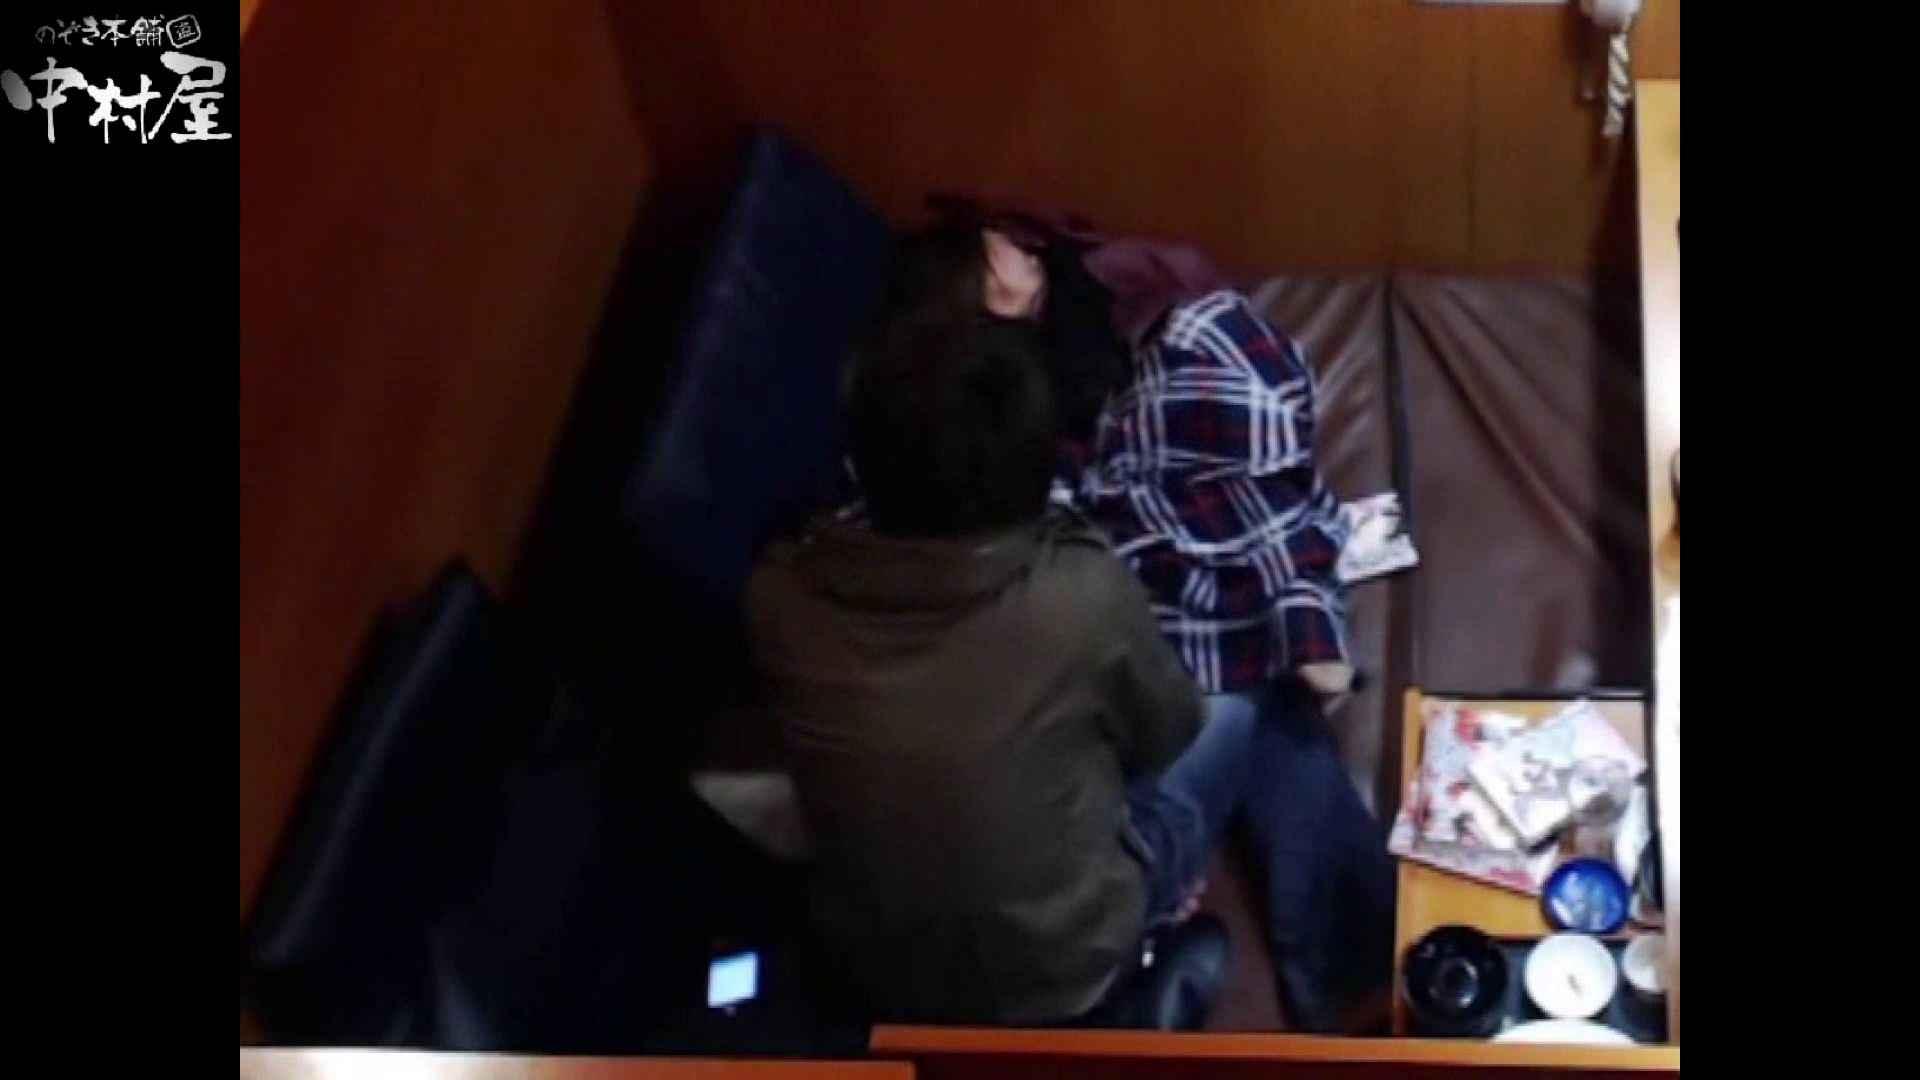 ネットカフェ盗撮師トロントさんの 素人カップル盗撮記vol.4 フェラチオ オマンコ動画キャプチャ 102連発 95